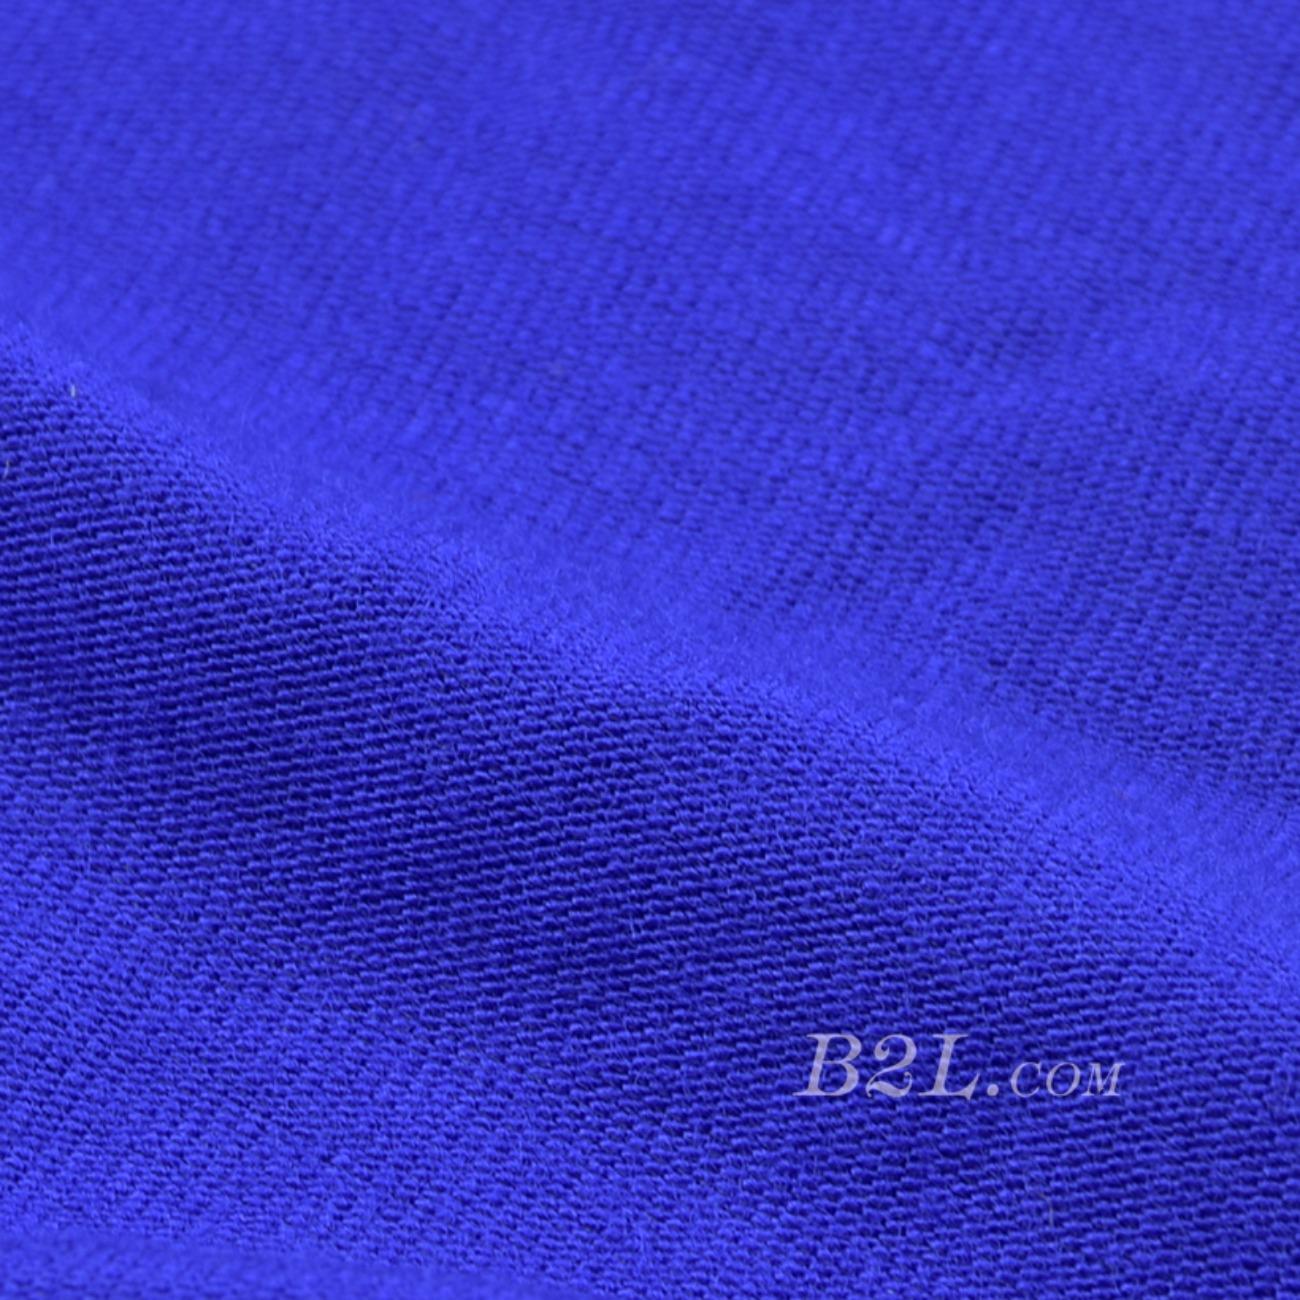 赛络纺 全人棉 素色 针织 染色 高弹 内衣 柔软 细腻 棉感 女装 男装 秋冬 80302-62